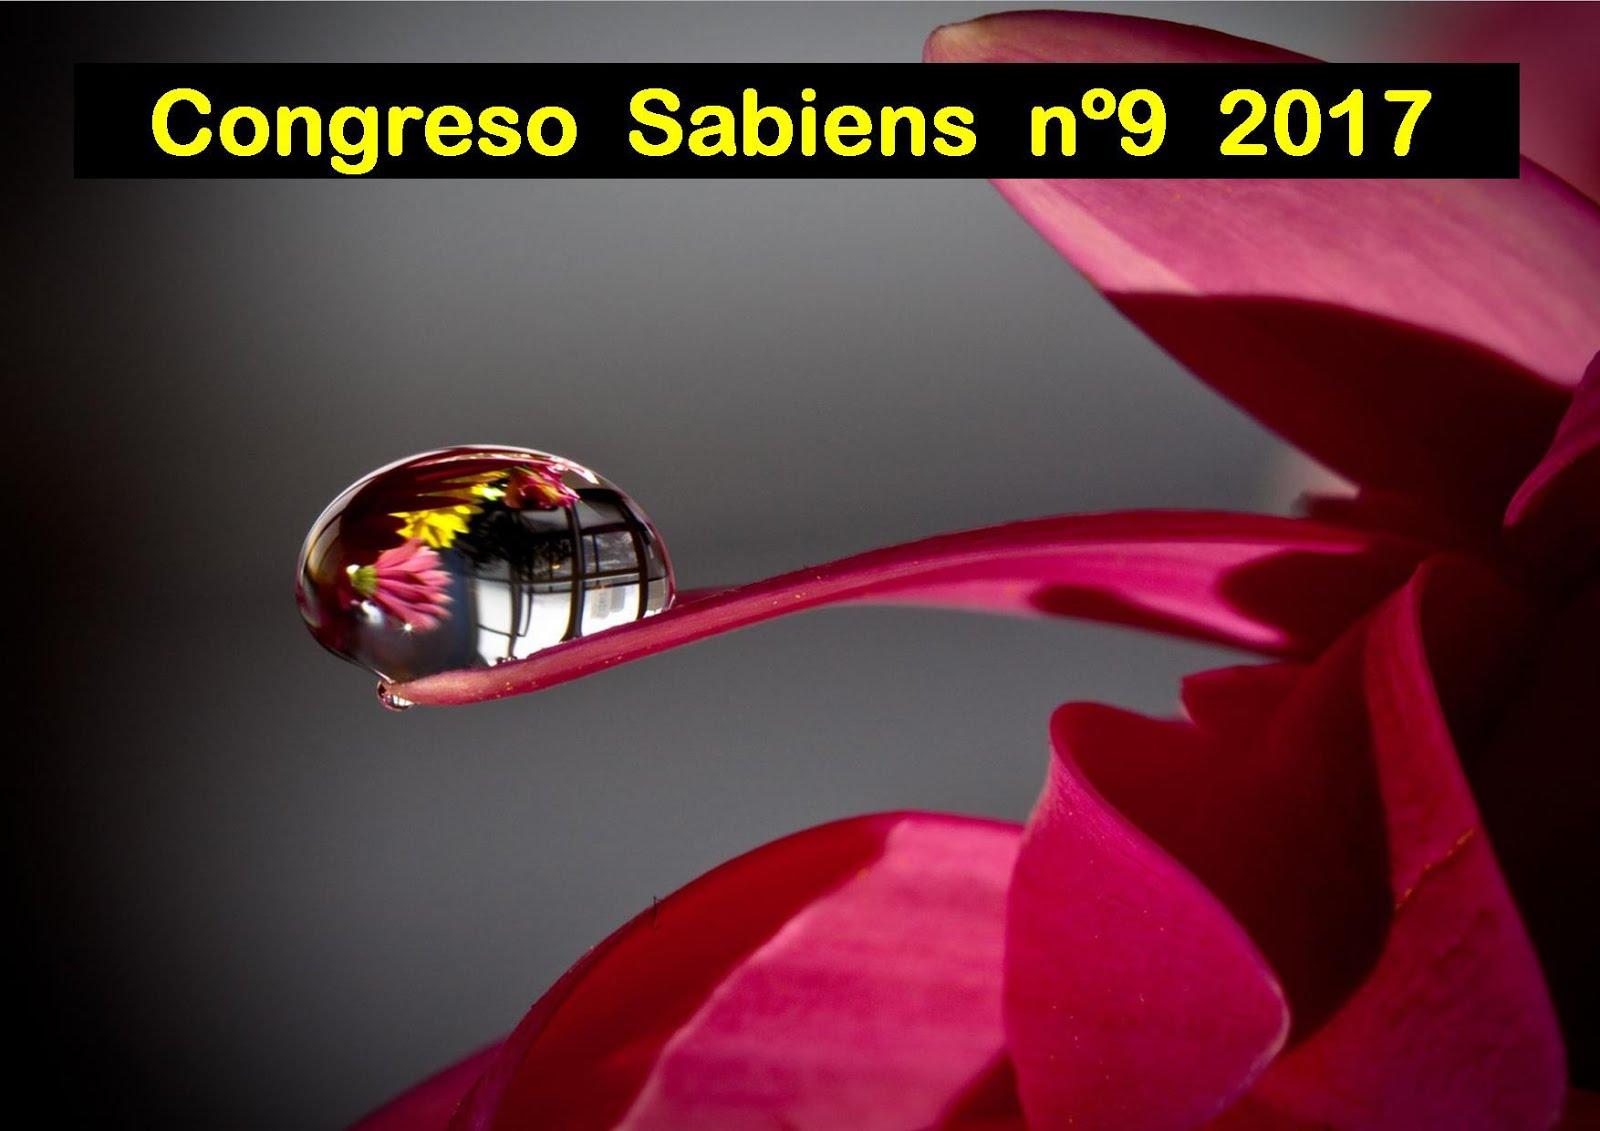 CONGRESO SABIENS nº9 2017